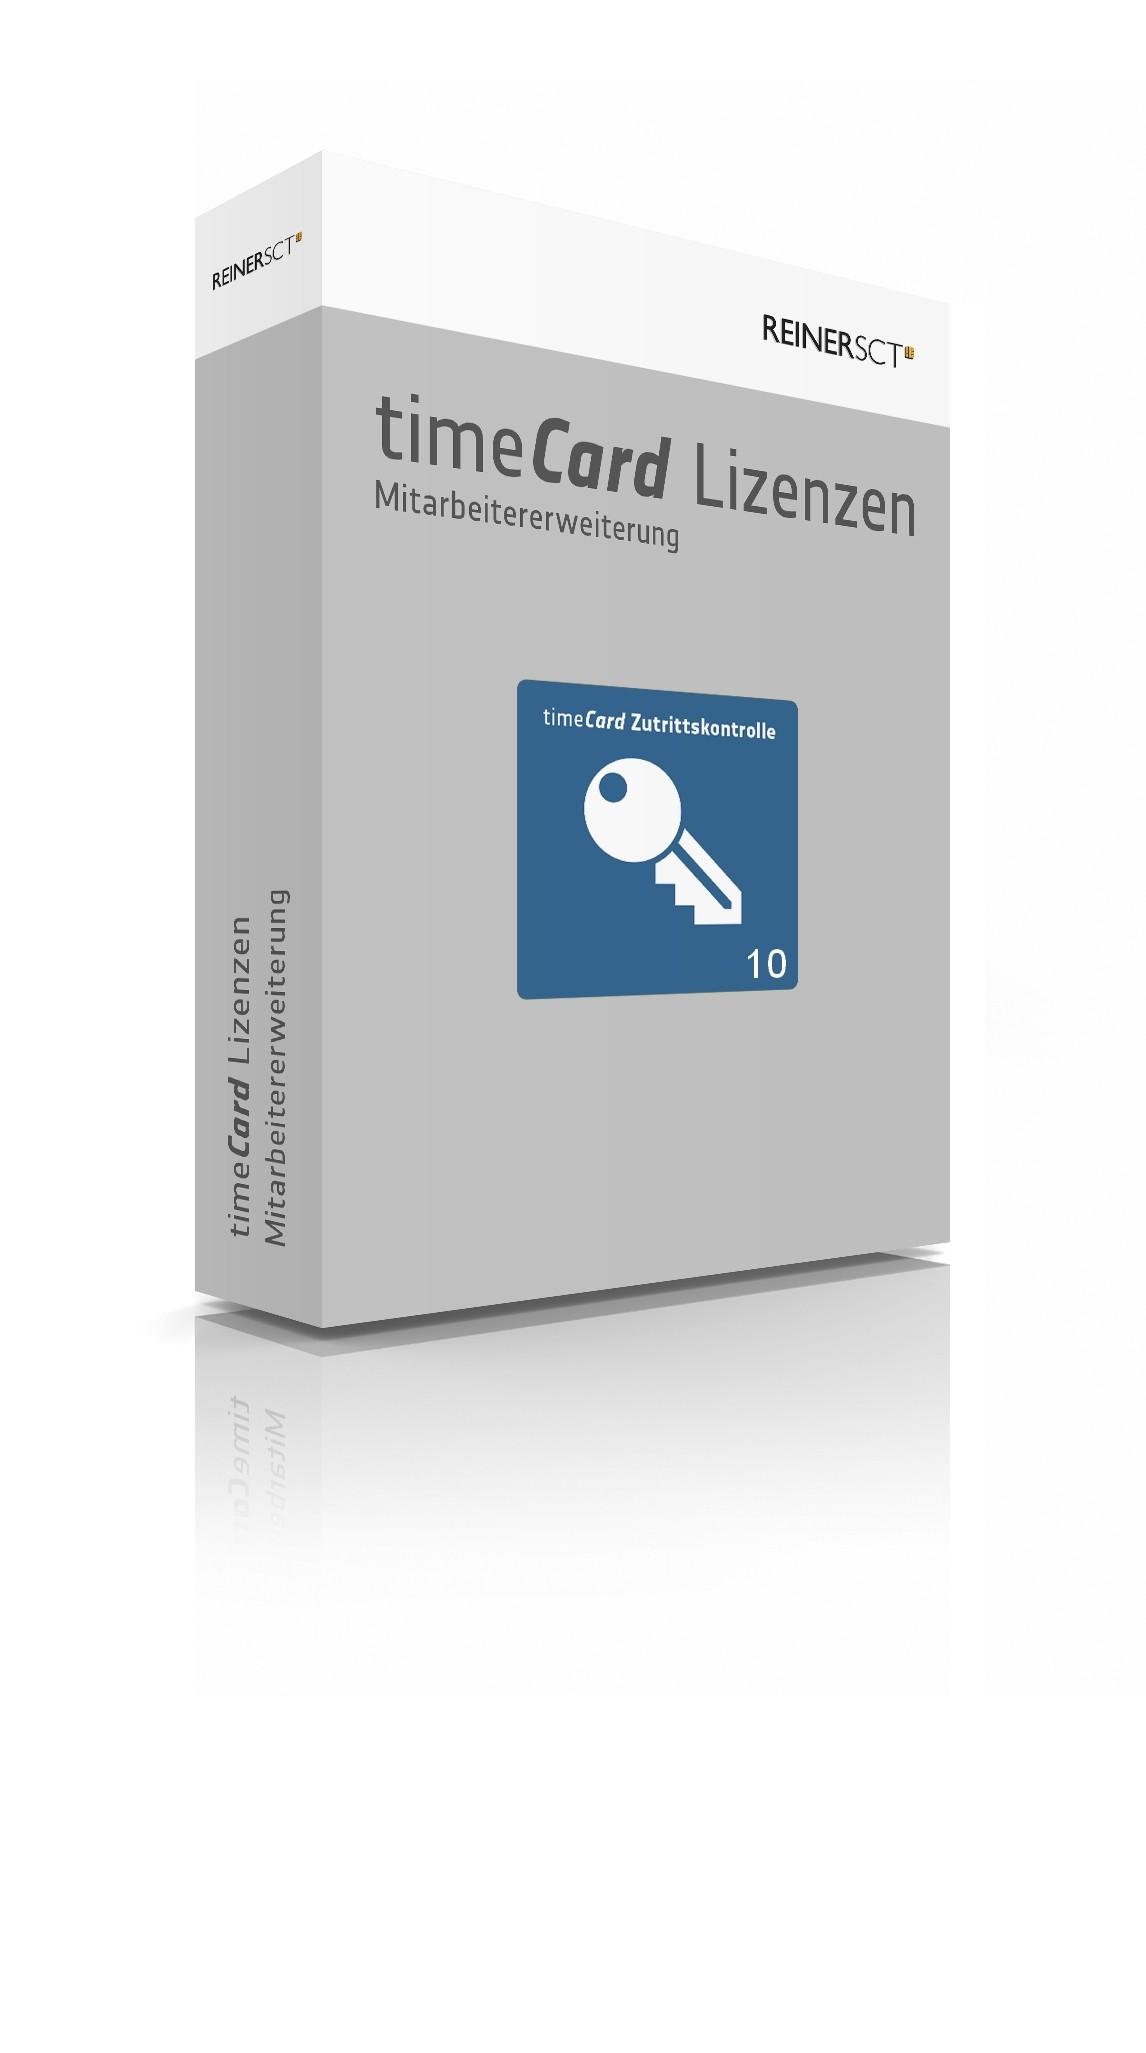 REINER SCT timeCard 6 ZuKo Erweiterung 10 Mitarbeiter, Lizenz